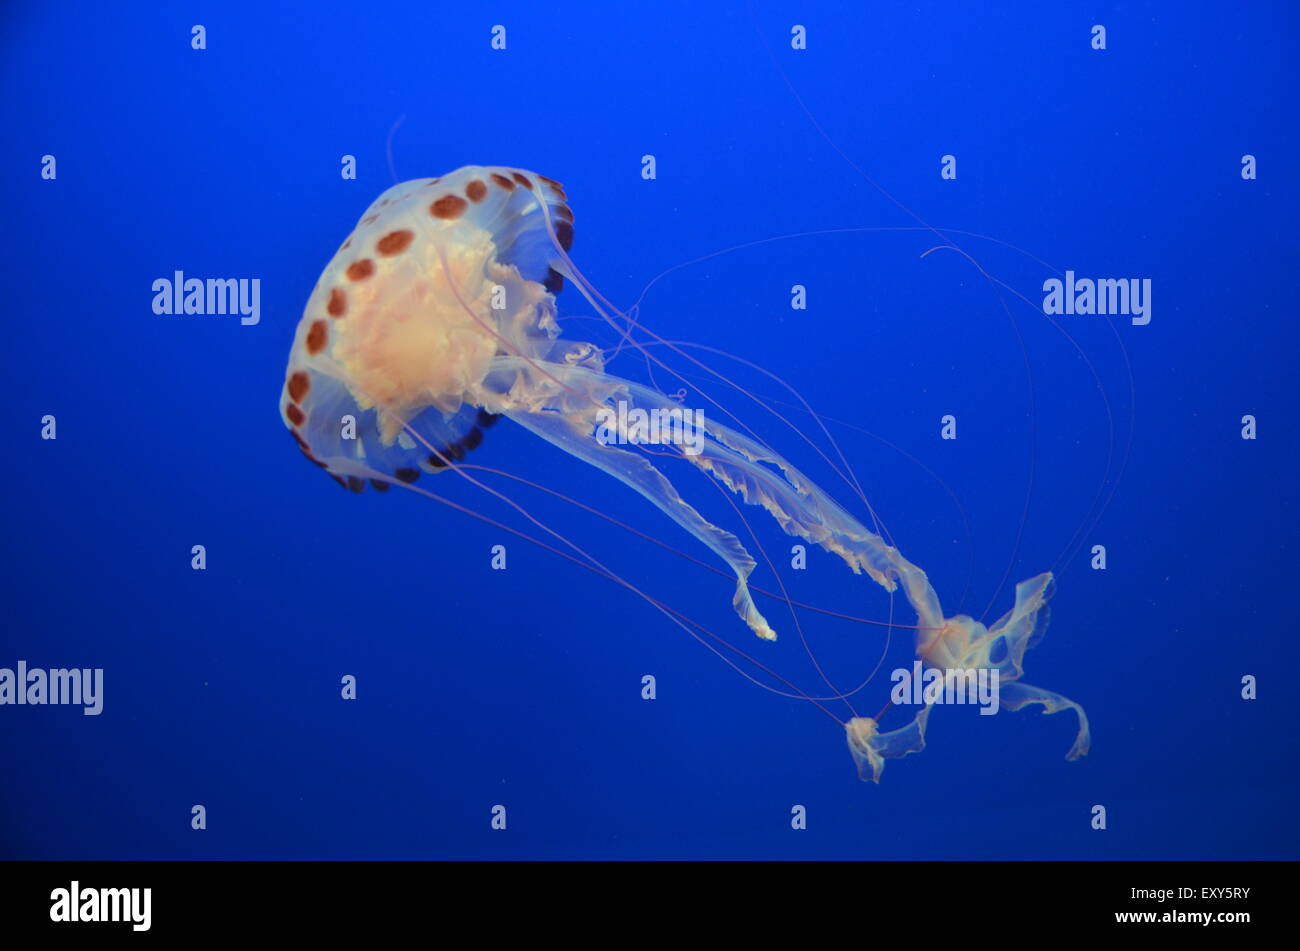 Medusas flotando pacíficamente en profundas aguas azules Foto de stock